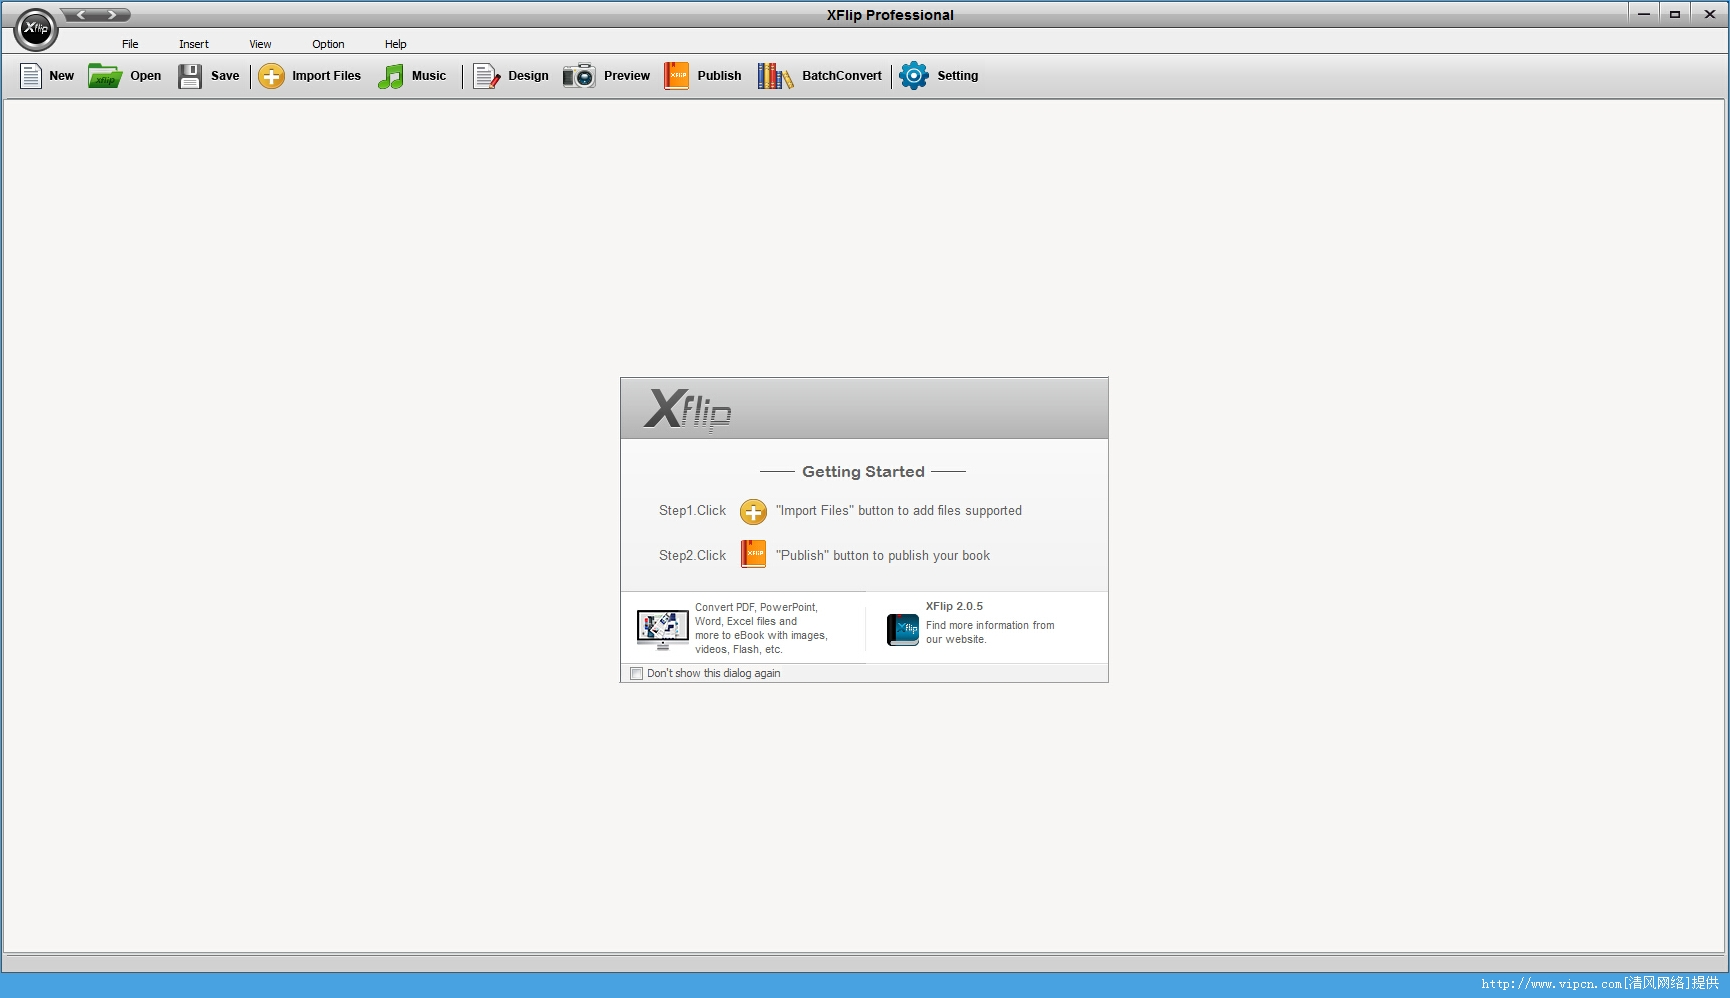 XFlip Professional 多媒体电子书制作 官方版 v2.0.5 专业版破解版